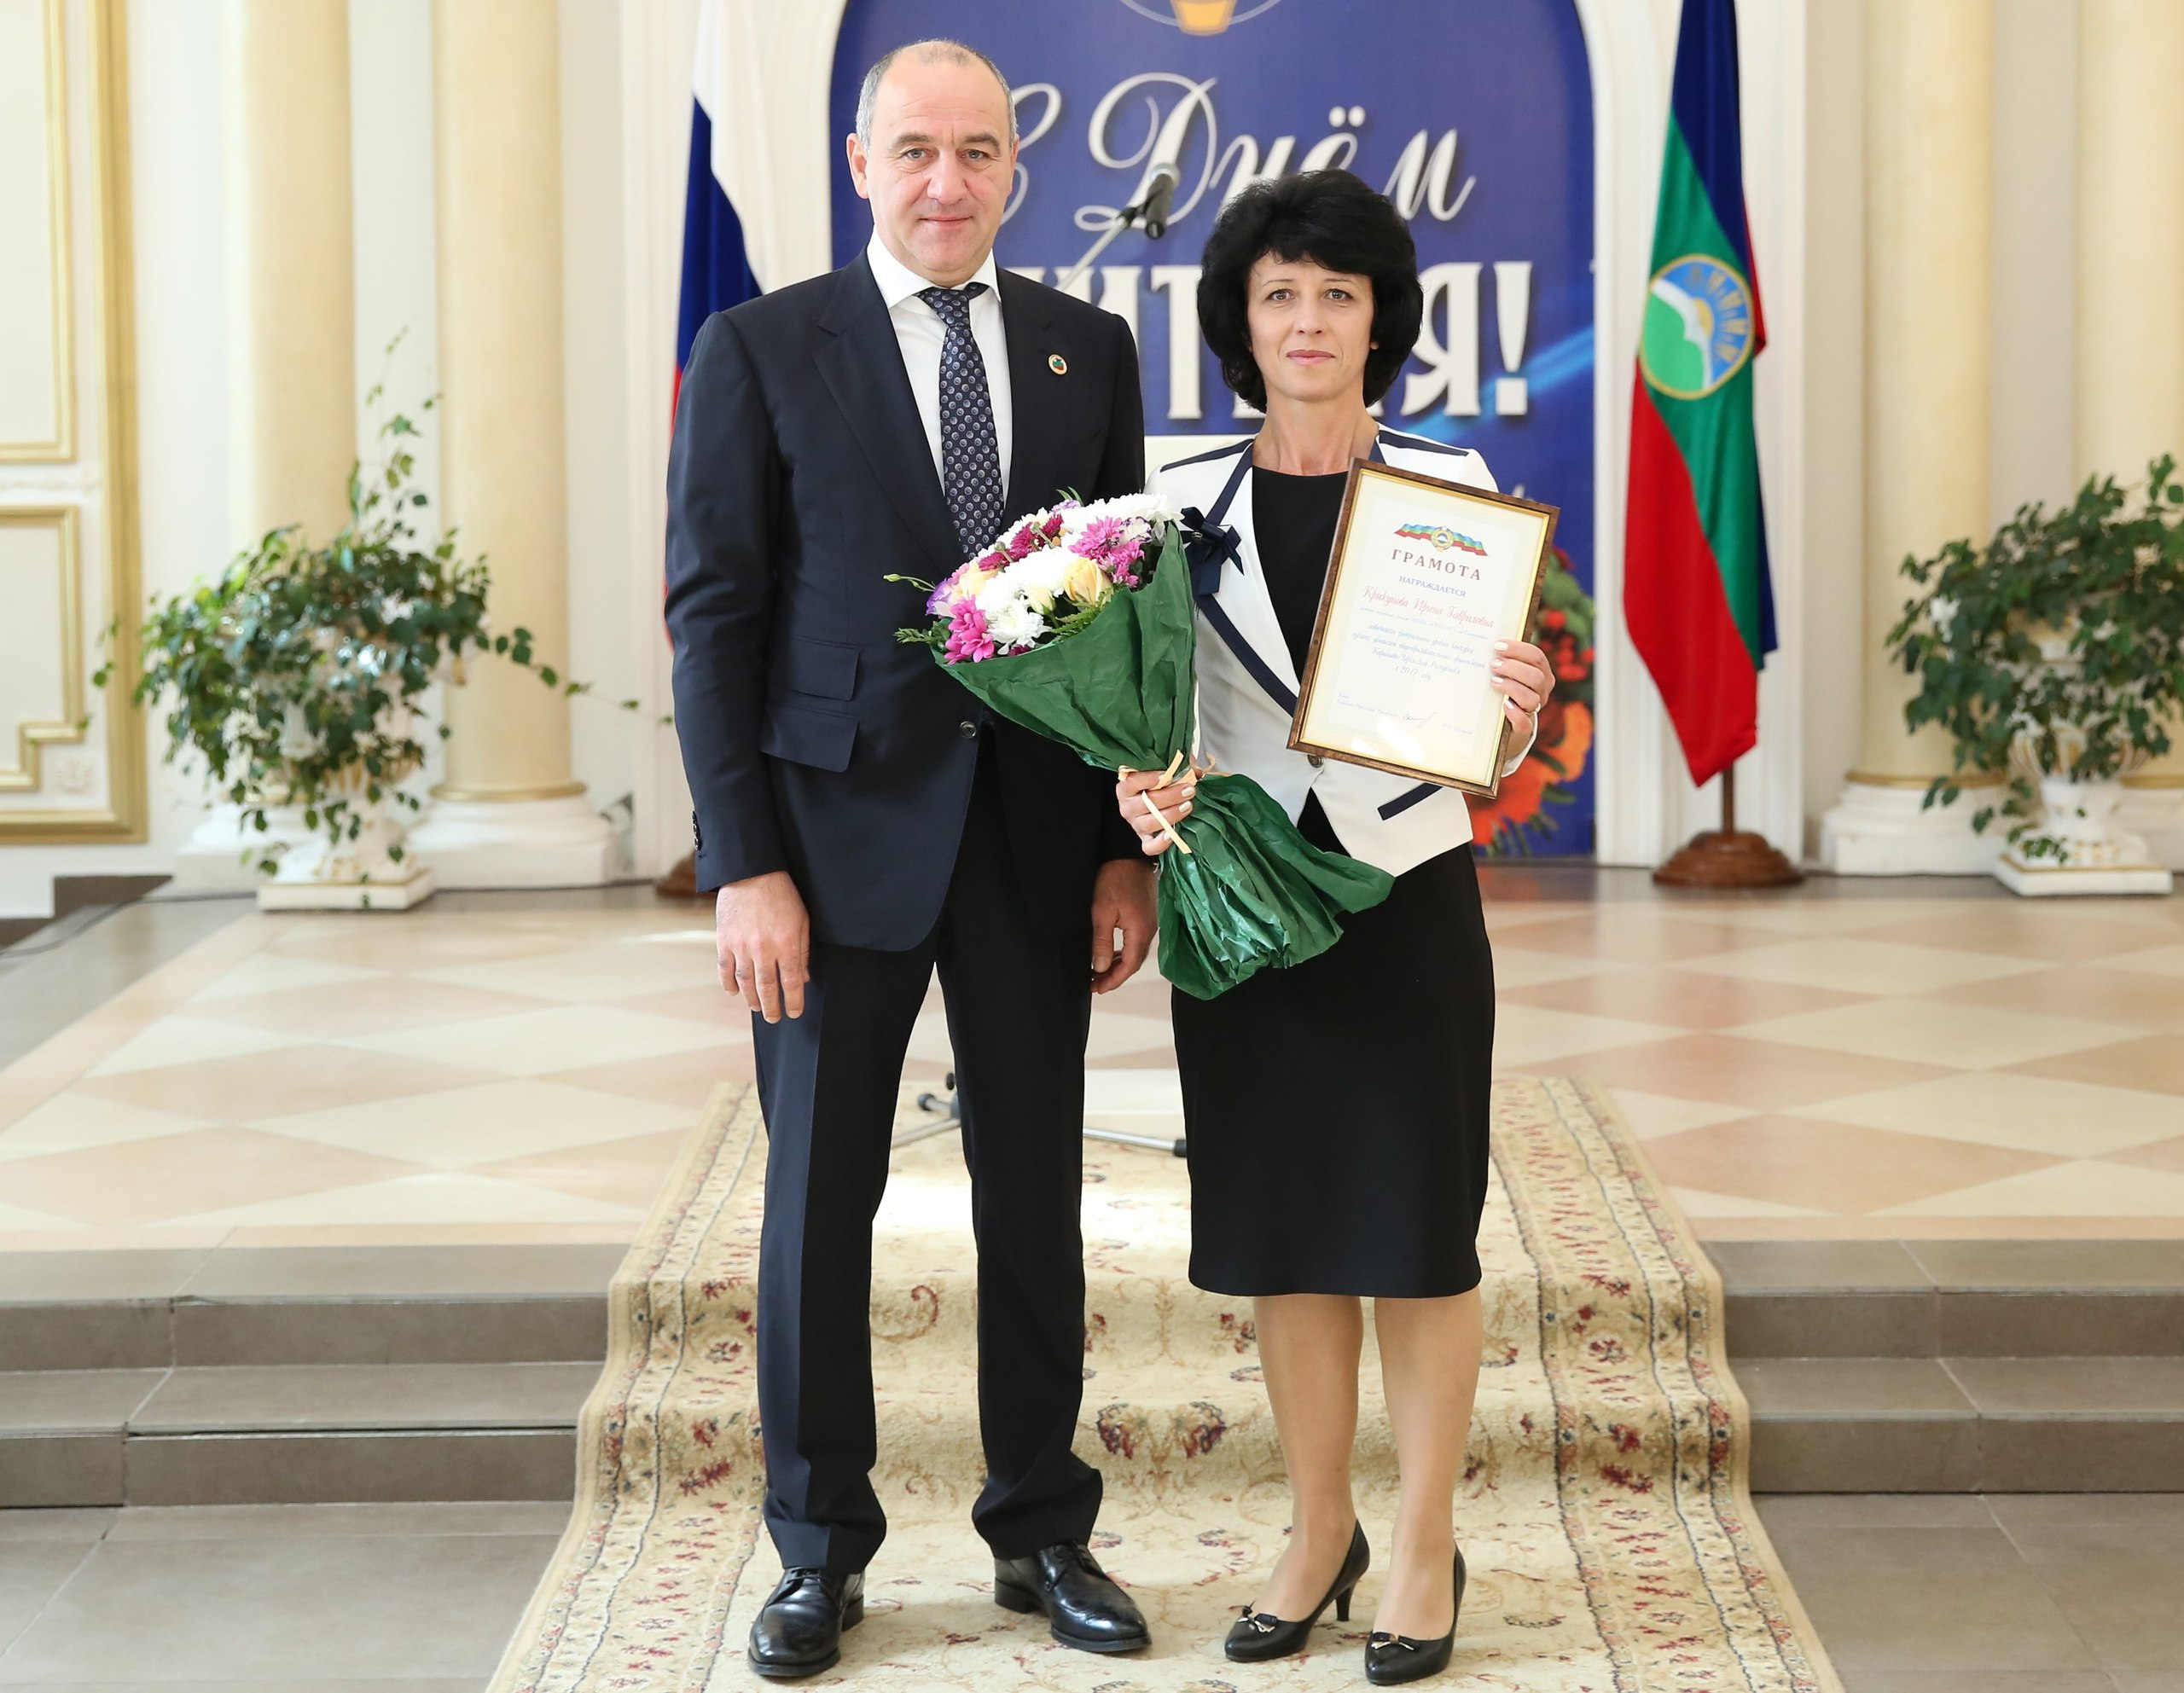 Работников образования Зеленчукского района наградили почетными званиями и грамотами